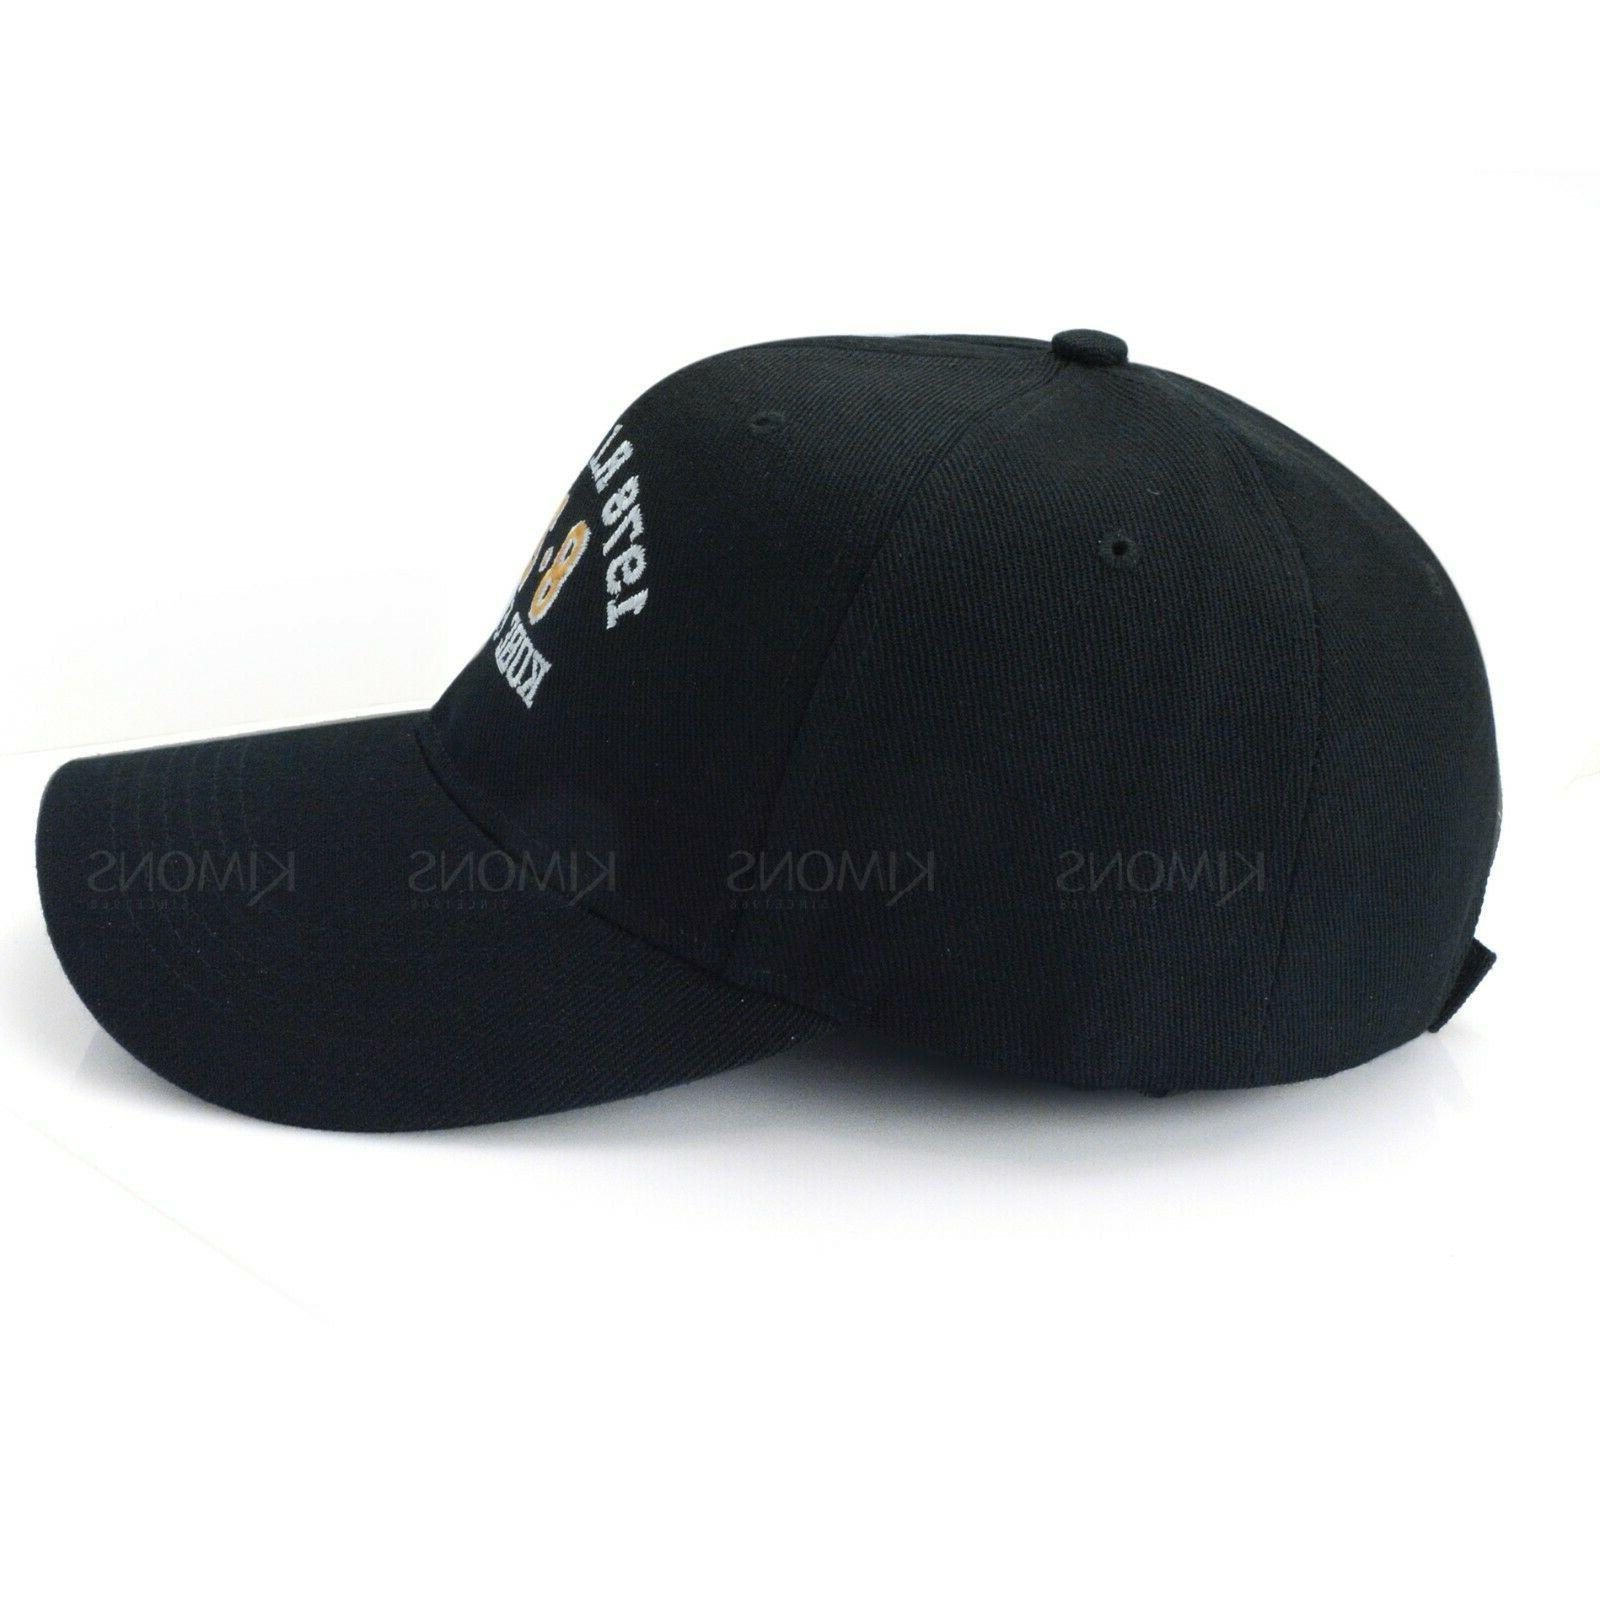 Kobe Bryant Hat mamba Ever Dad